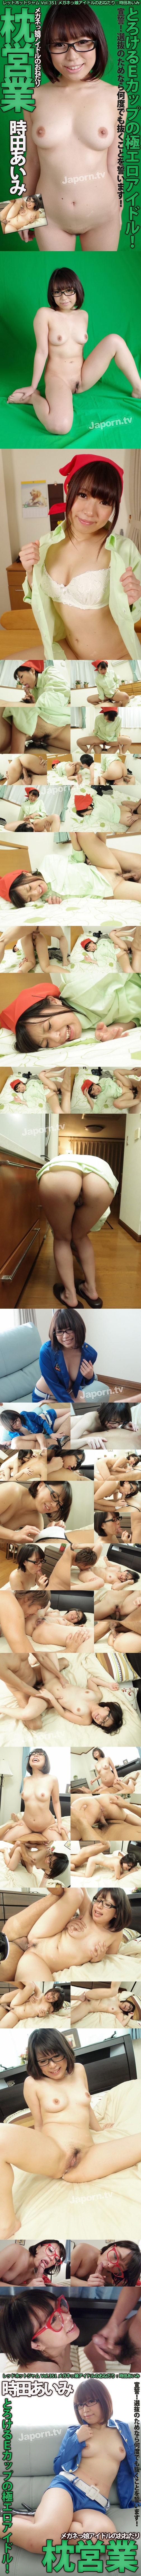 レッドホットジャム Vol.351 メガネっ娘アイドルのおねだり : 時田あいみ 裏DVDサンプル画像